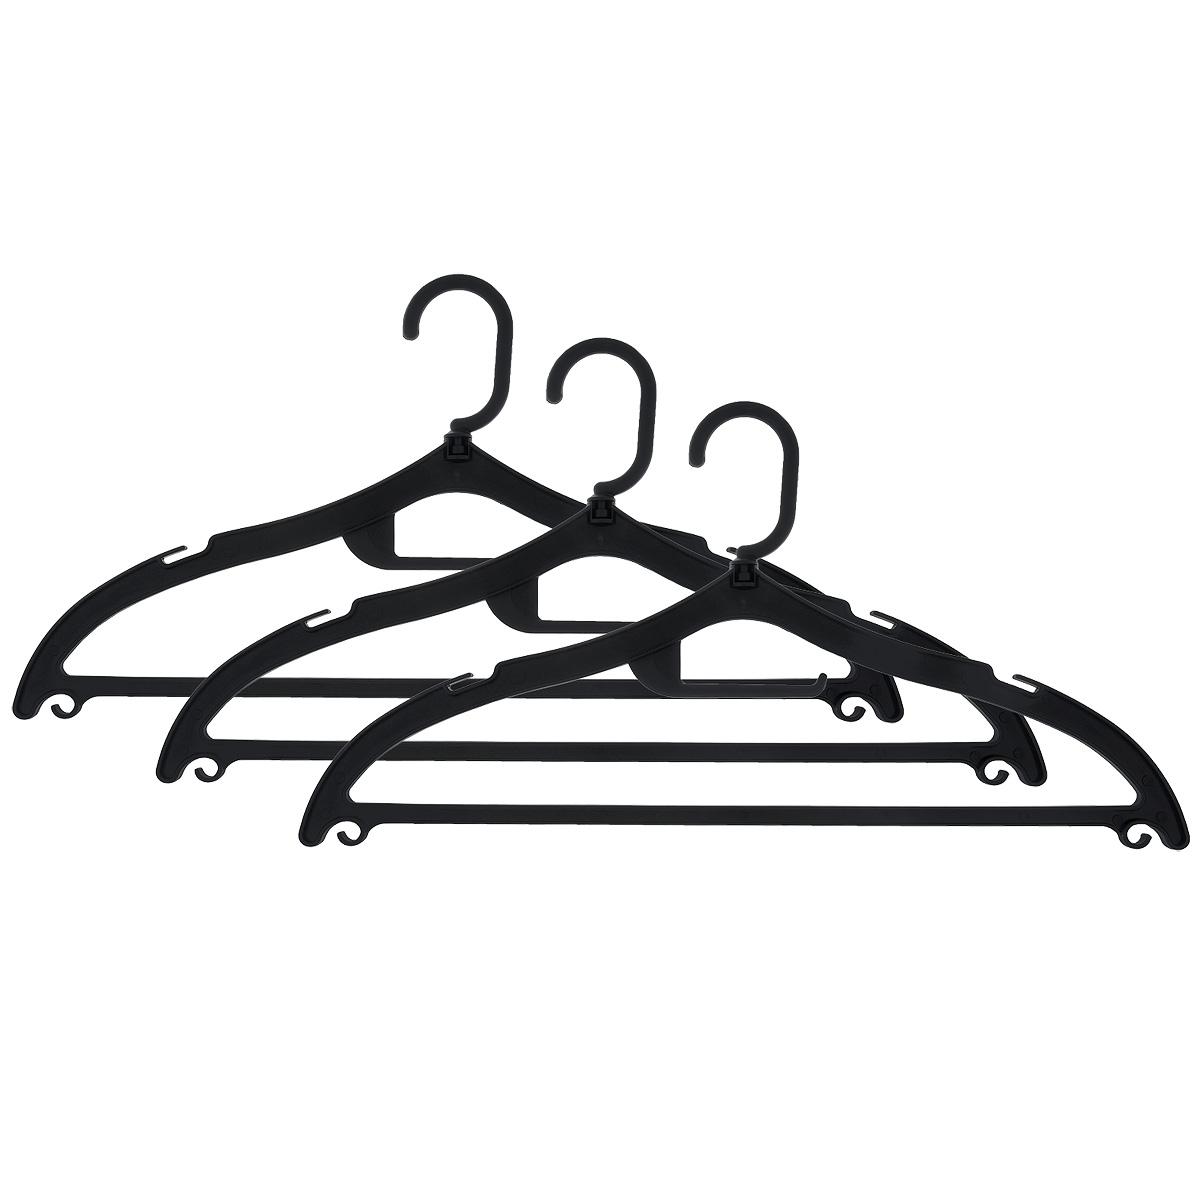 Набор вешалок Полимербыт, с перекладиной, с крючками, цвет: черный, размер 48-50, 3 шт. С322 светофильтр kenko mc uv 0 52mm page 6